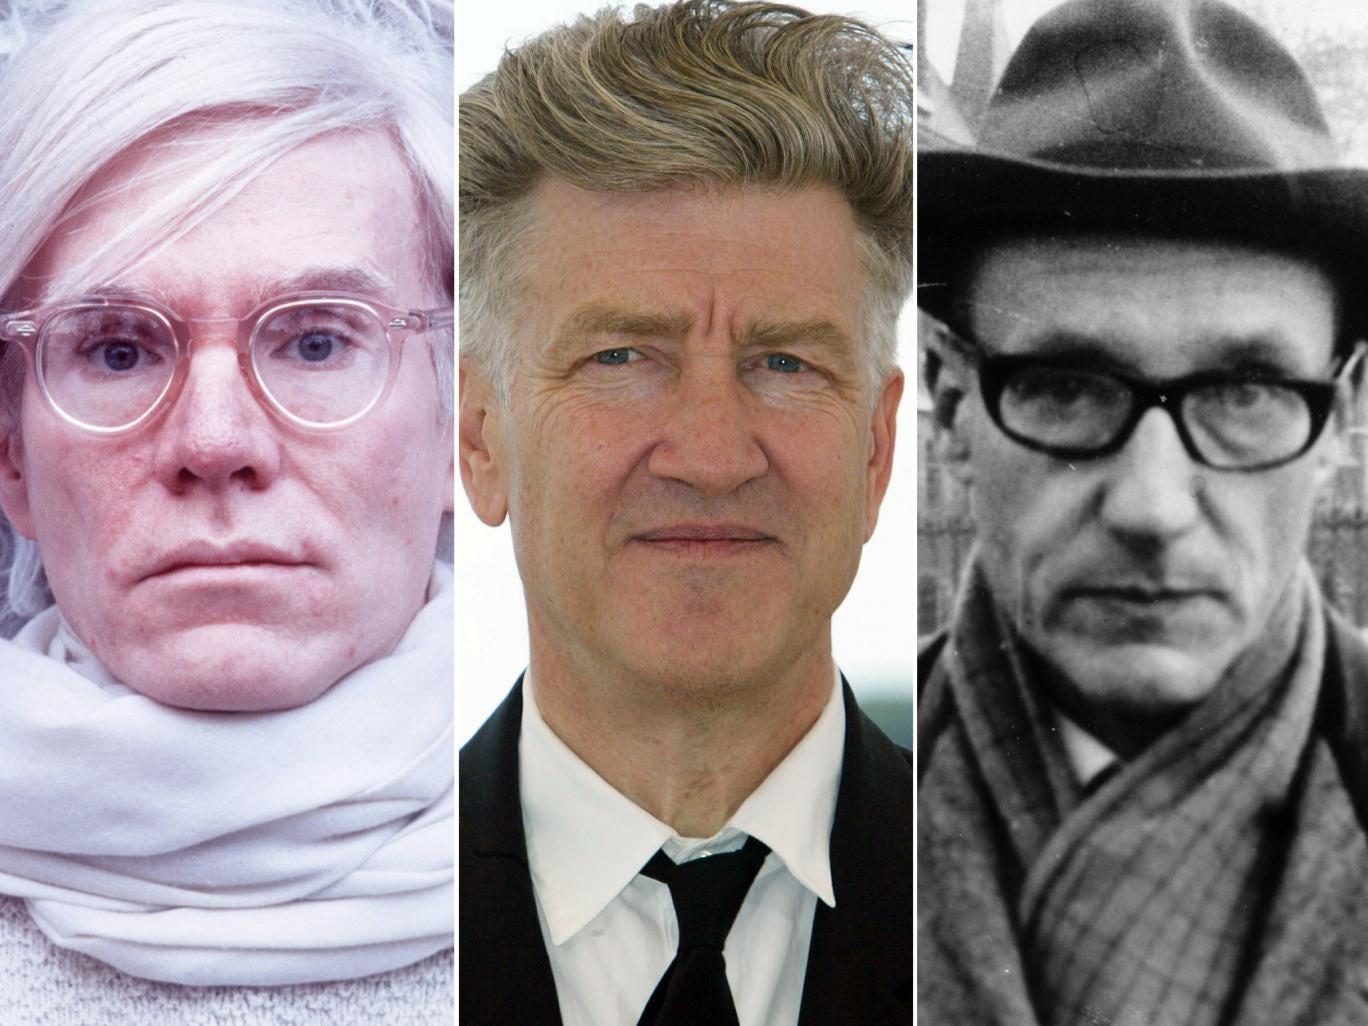 Warhol in 1976; Lynch in 2002; Burroughs in 1965